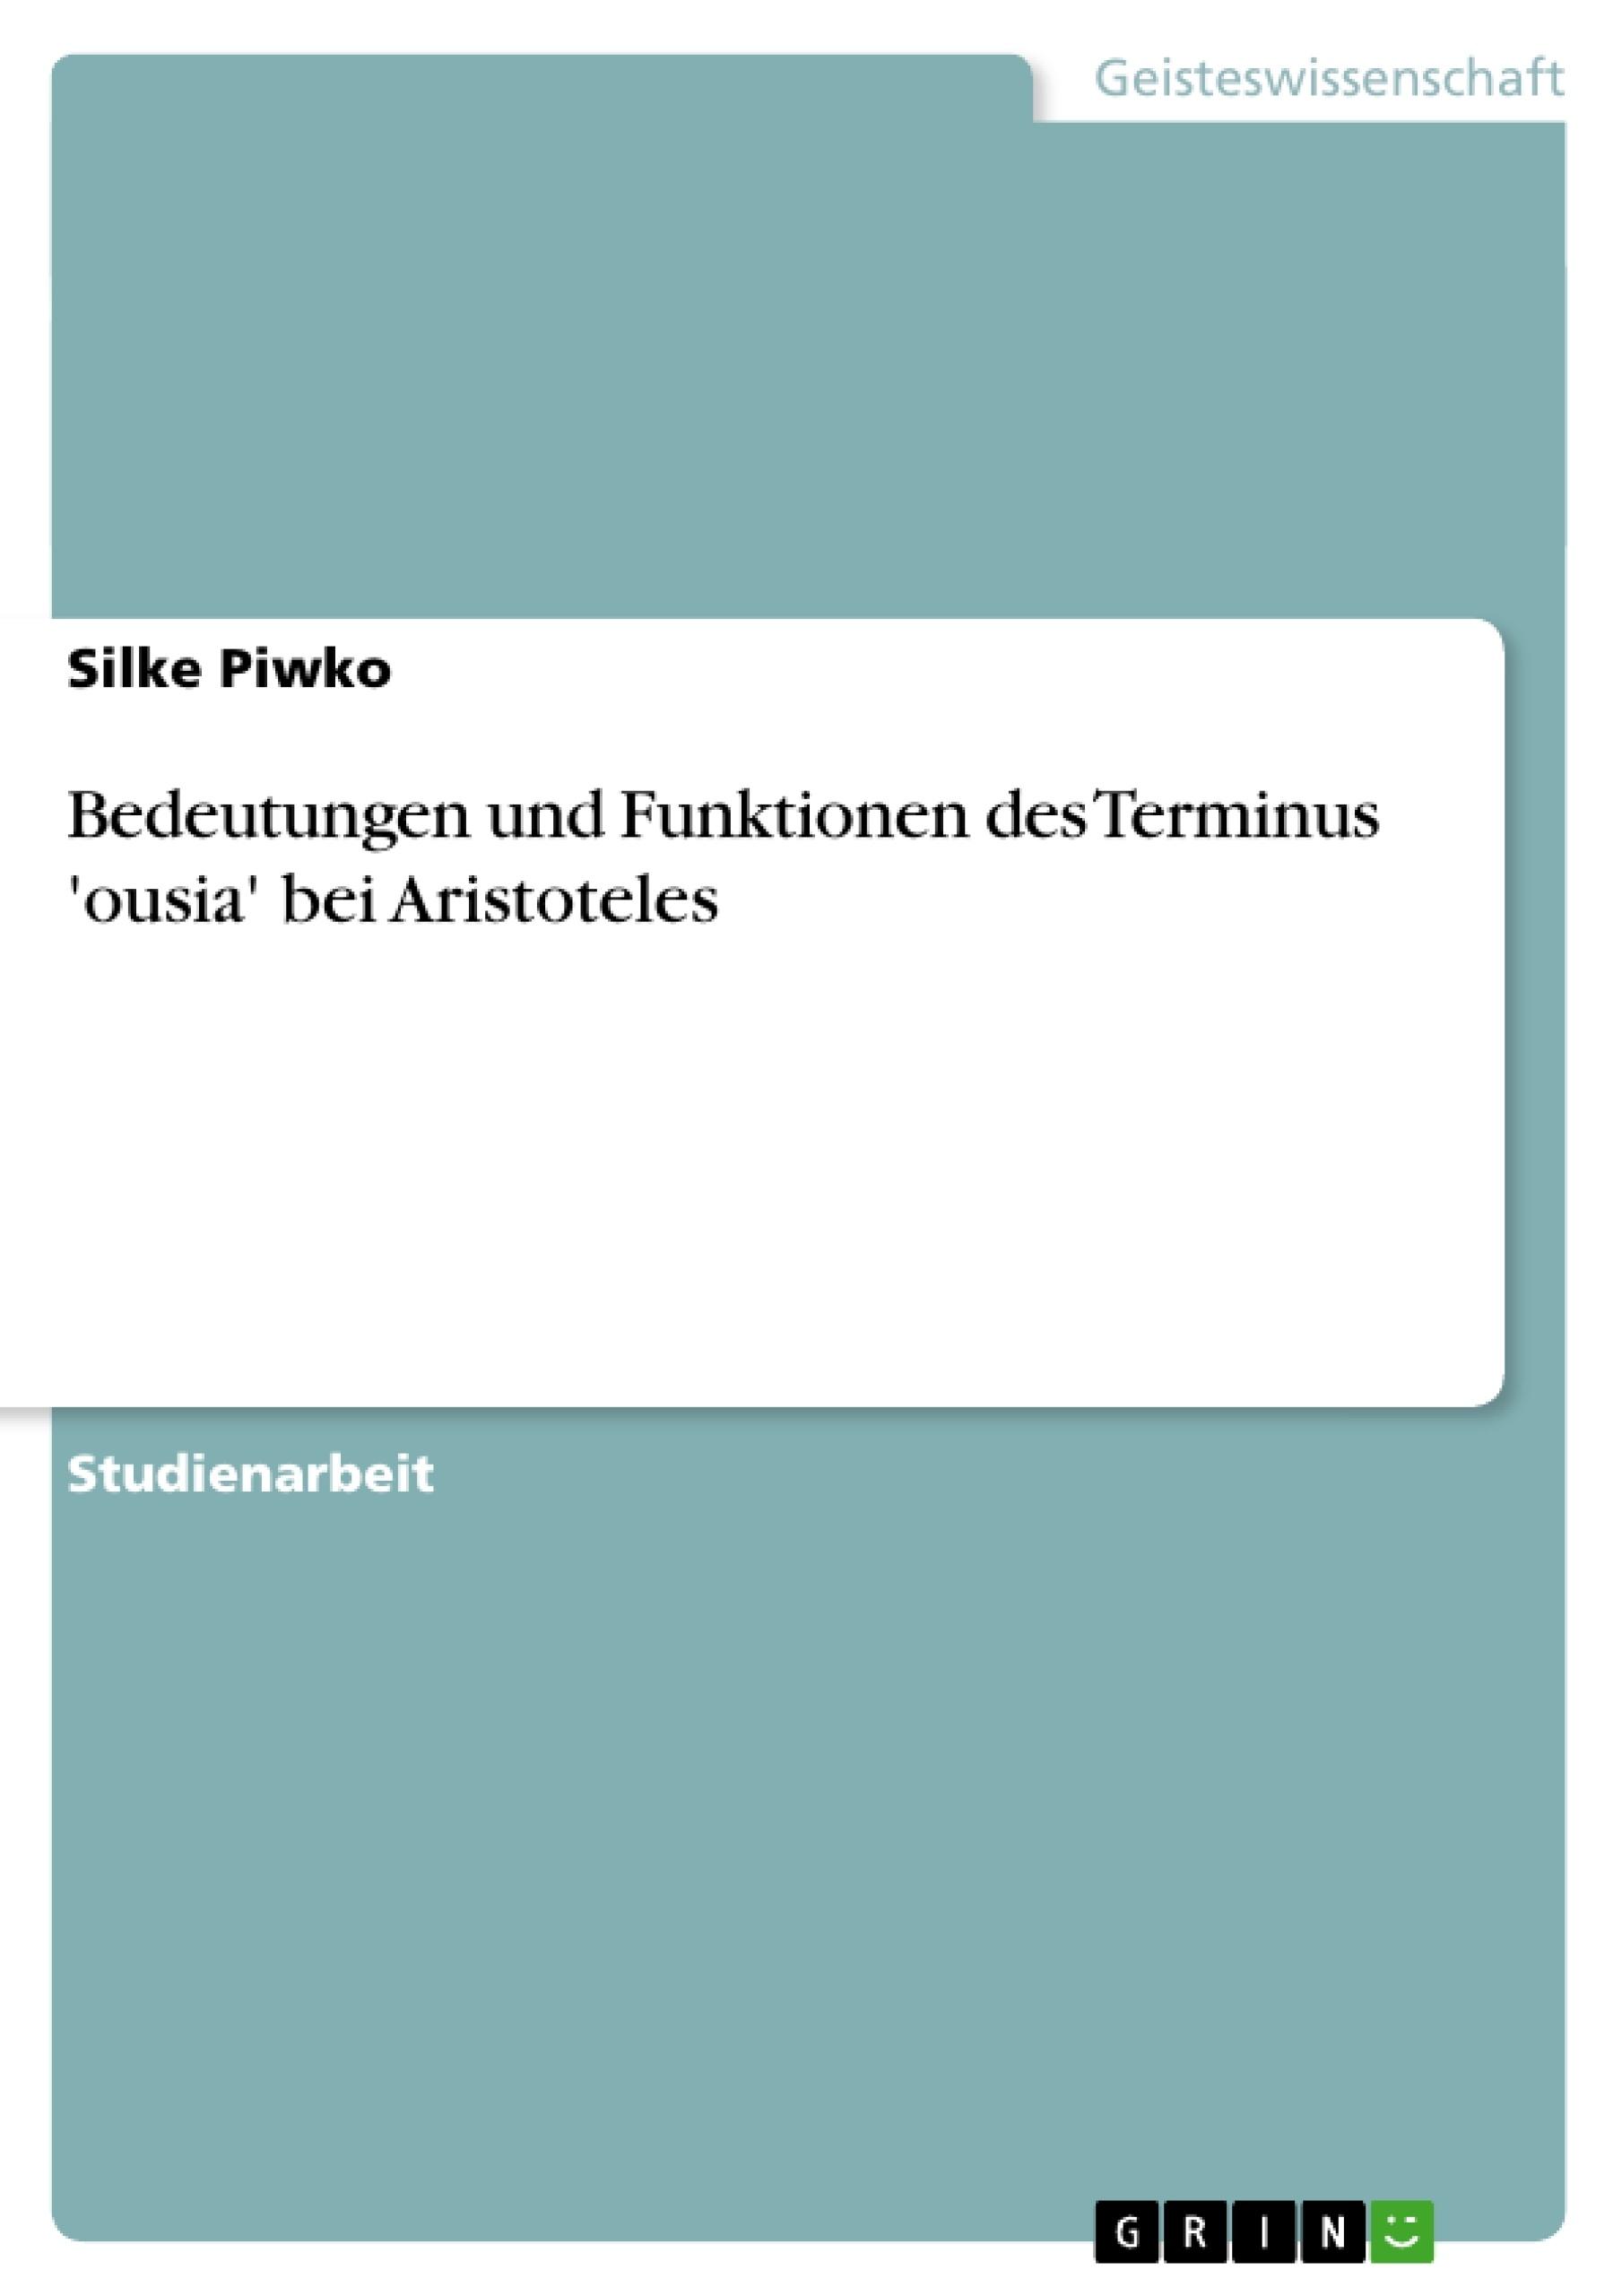 Titel: Bedeutungen und Funktionen des Terminus 'ousia' bei Aristoteles